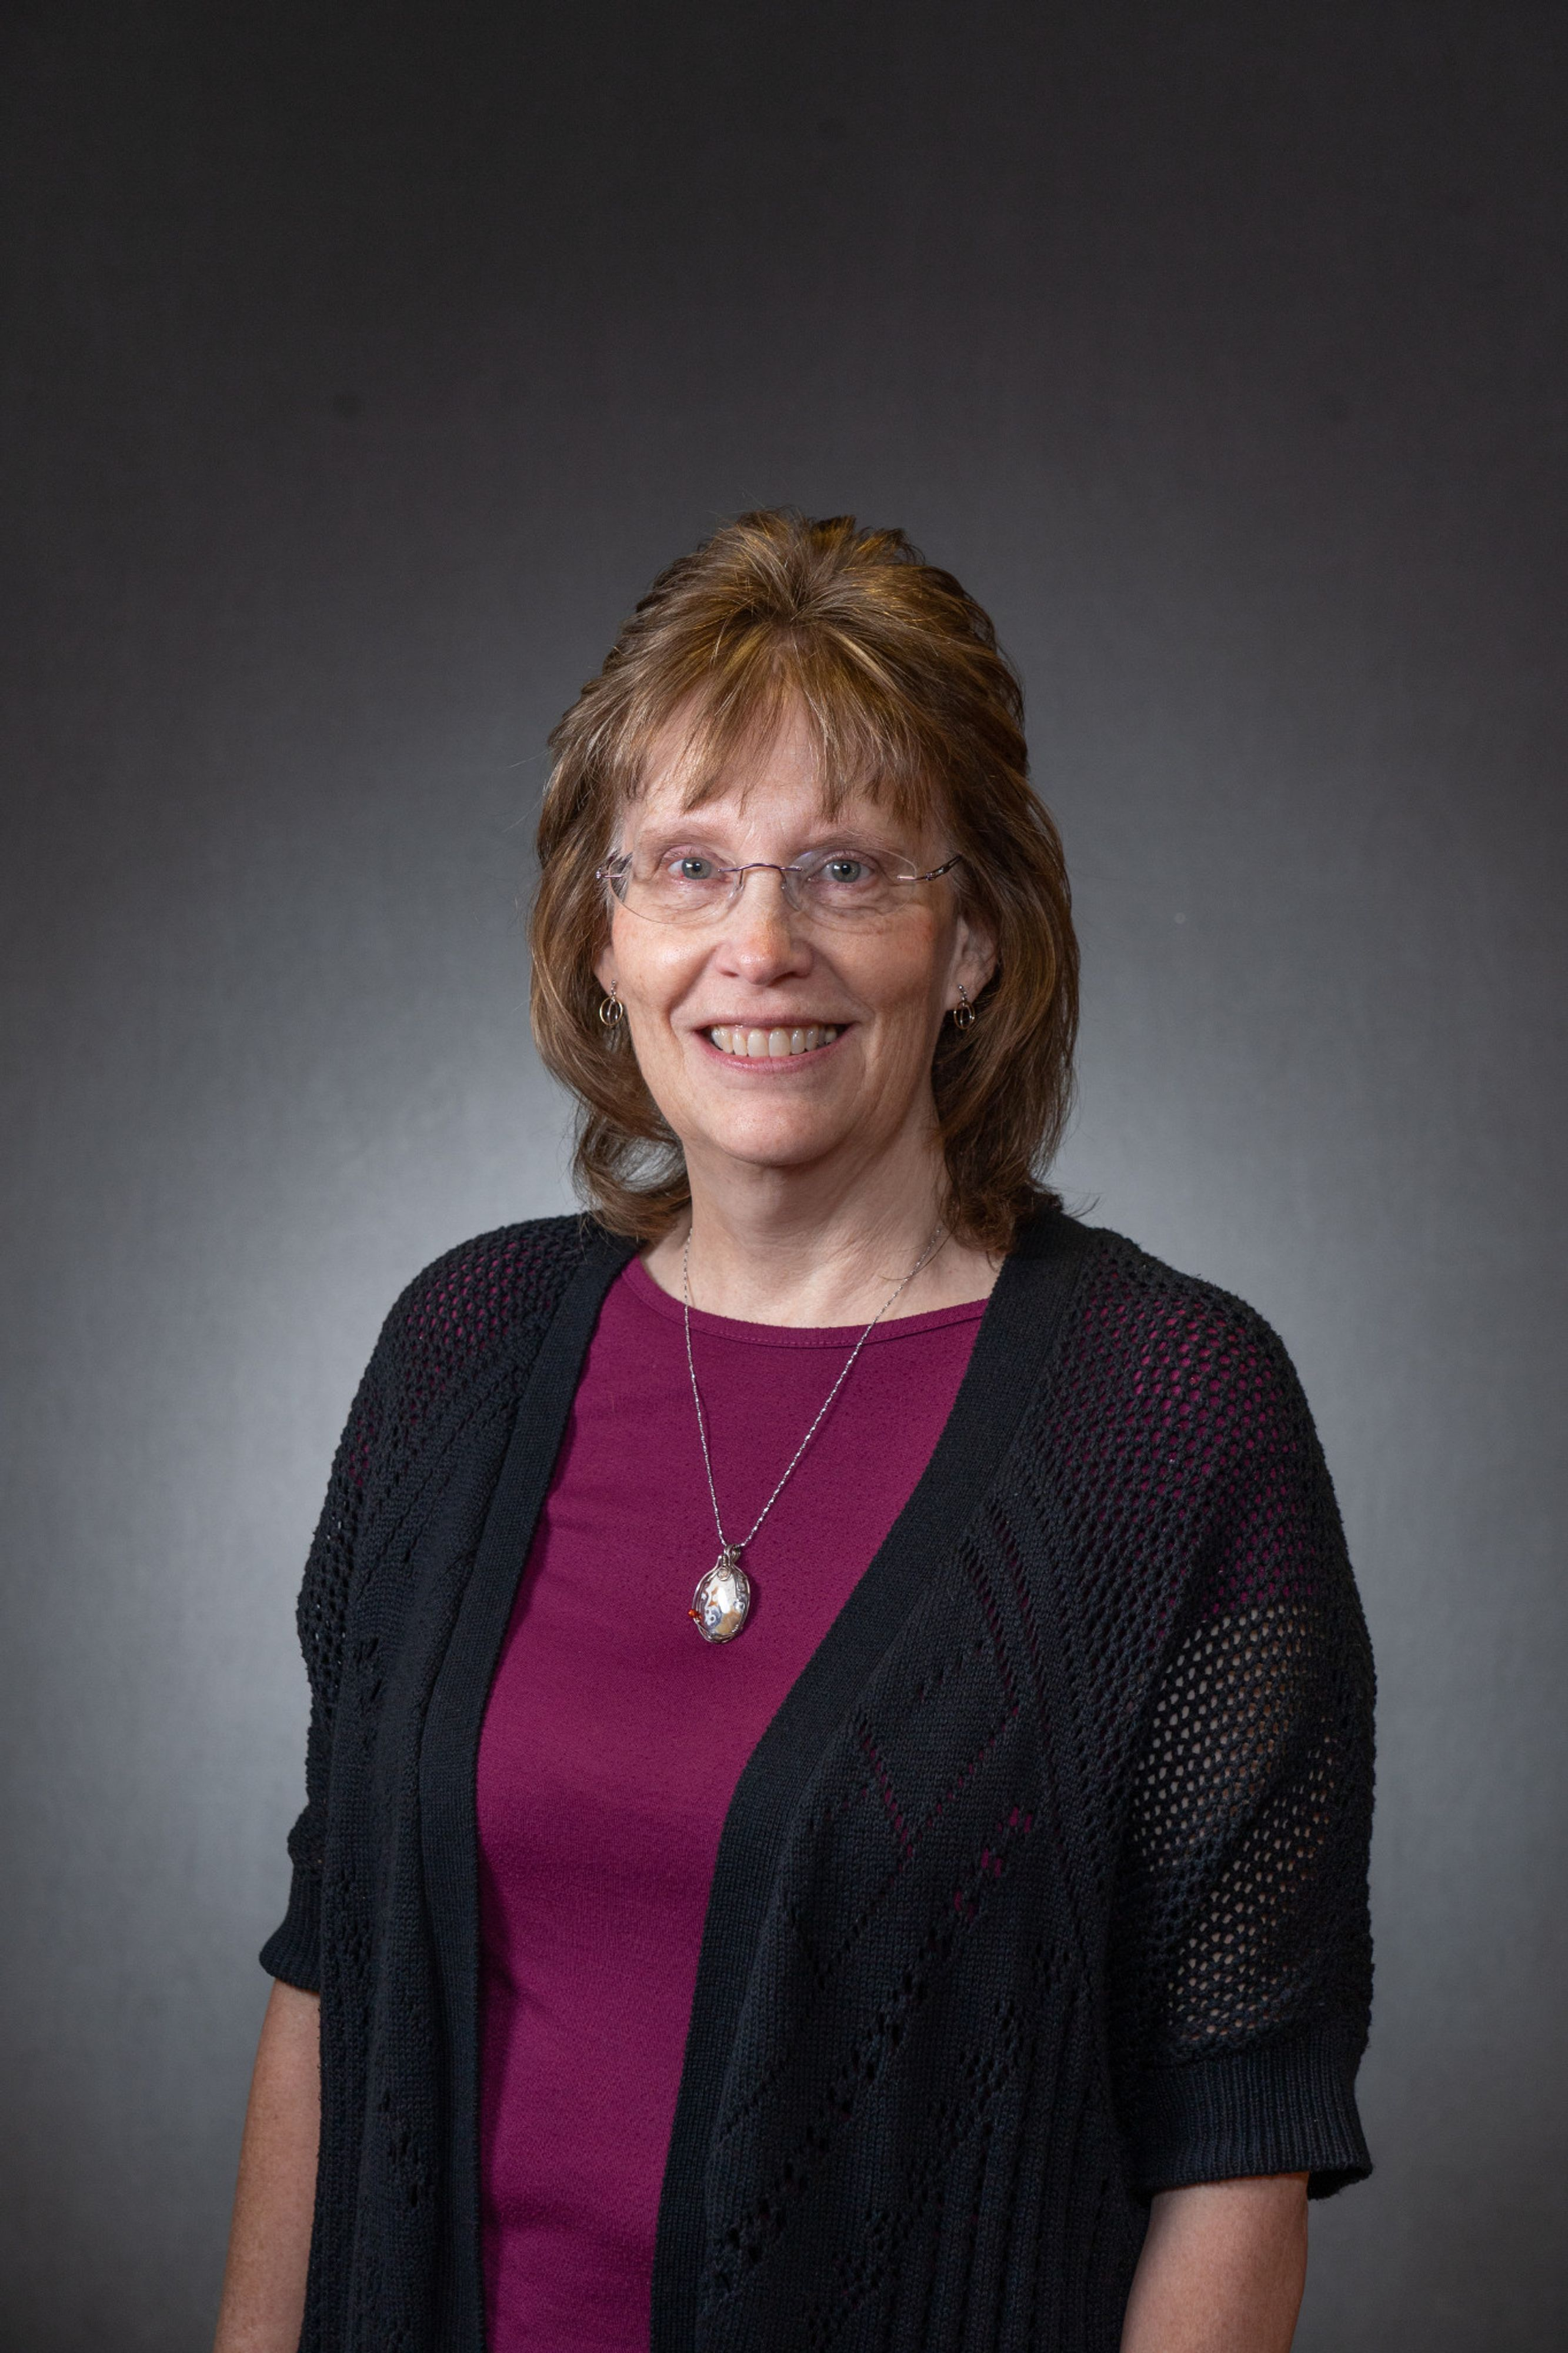 Laurel Shurtleff